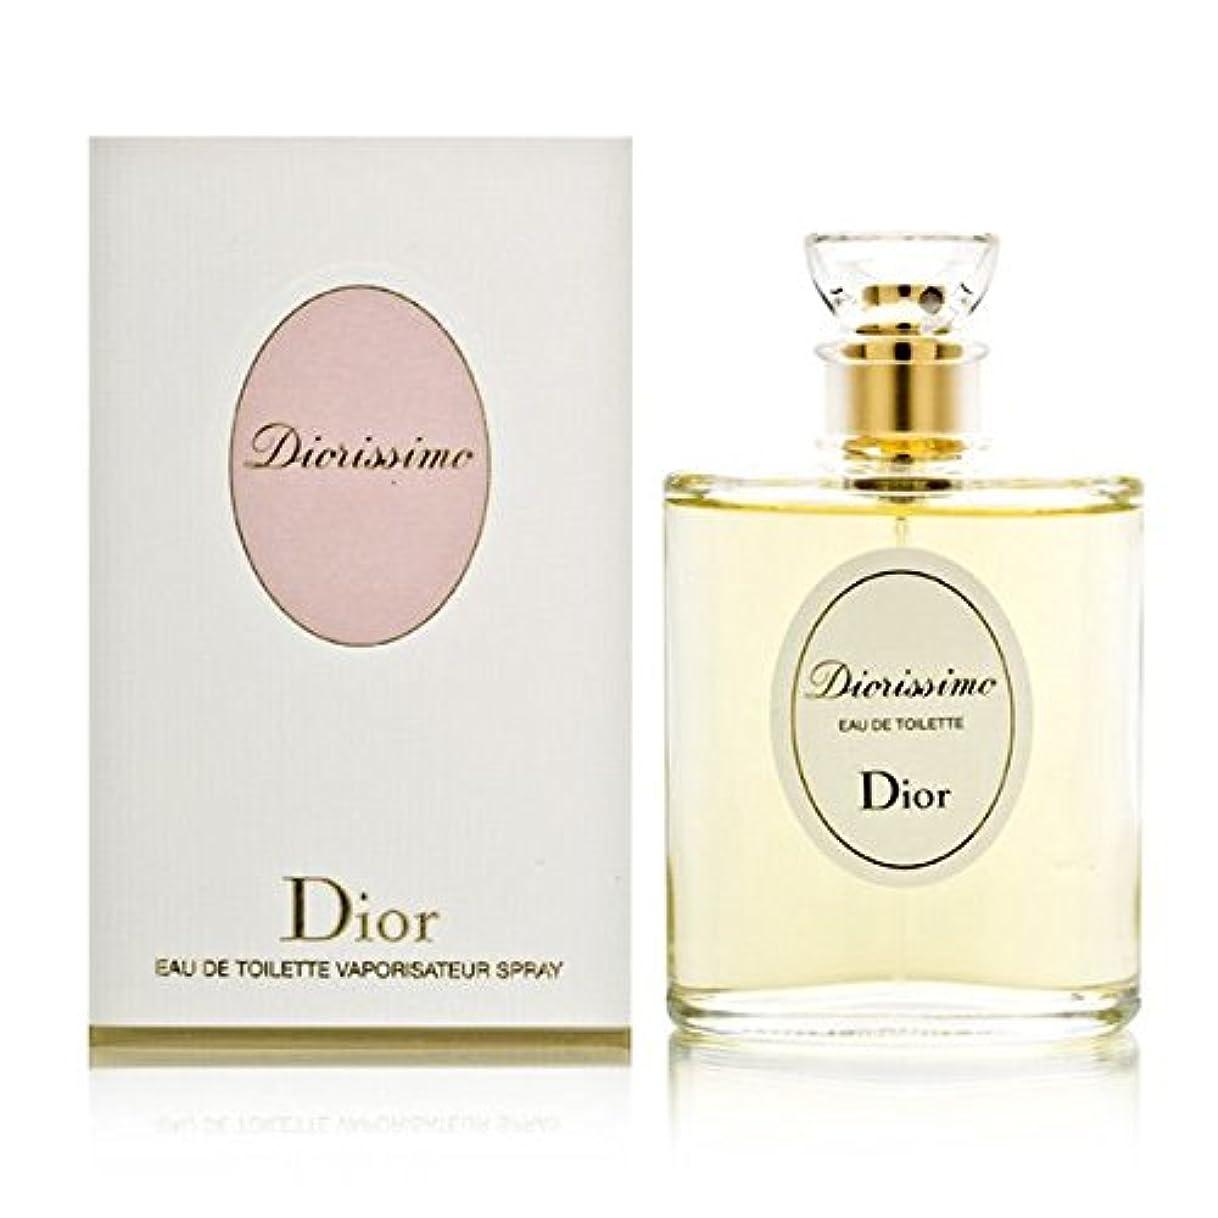 共和国マエストロパワークリスチャン ディオール(Christian Dior) ディオリッシモ EDT SP 100ml[並行輸入品]